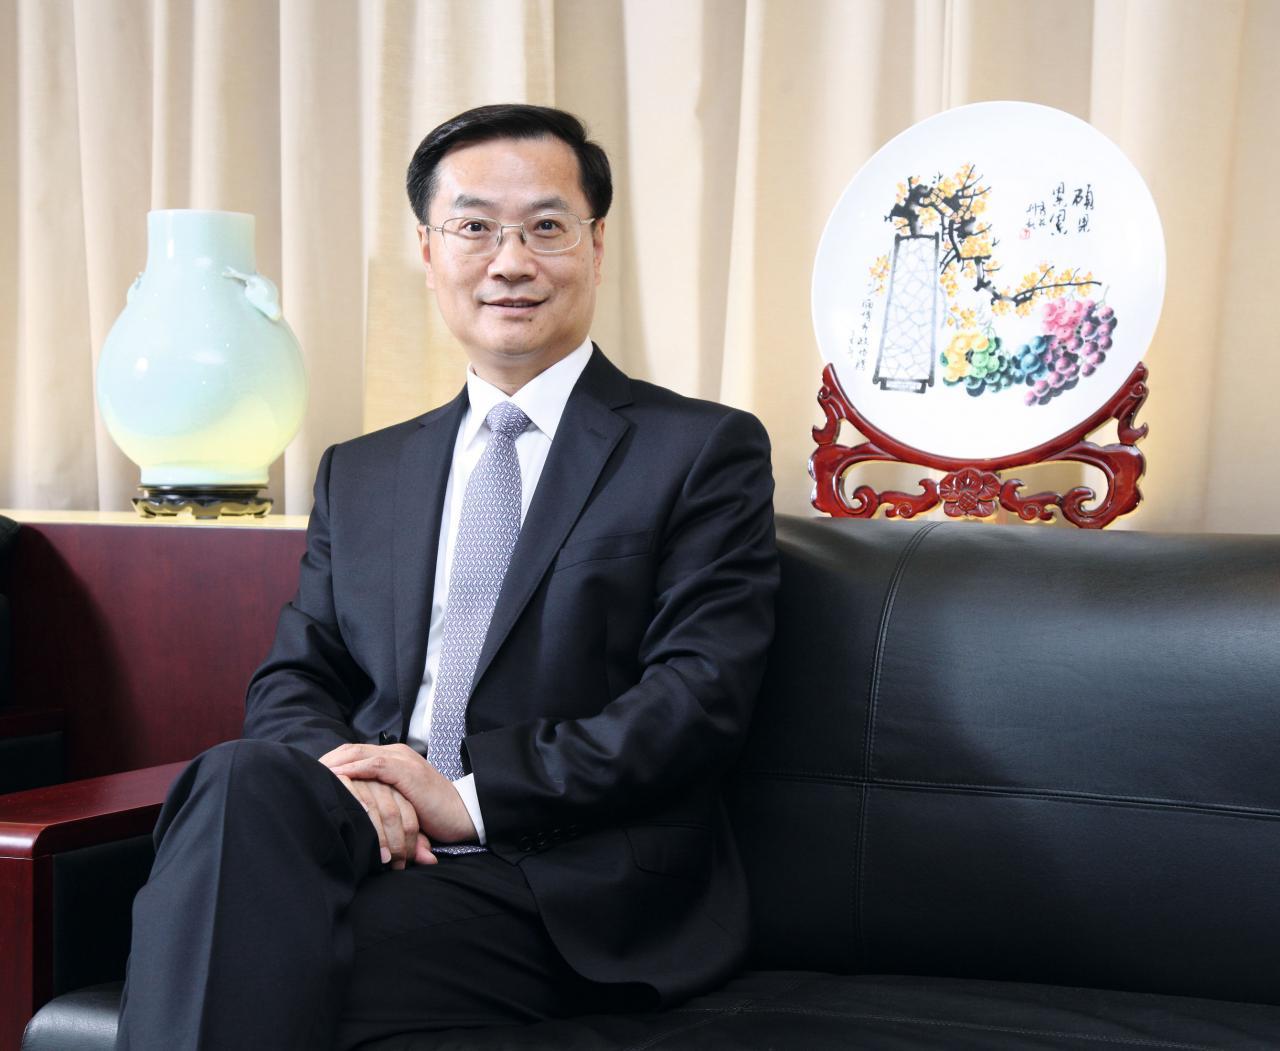 光大國際環保基金會行政總裁王天義指出,參與「地球一小時」能顯示集團作為中國領先環保企業的承擔。